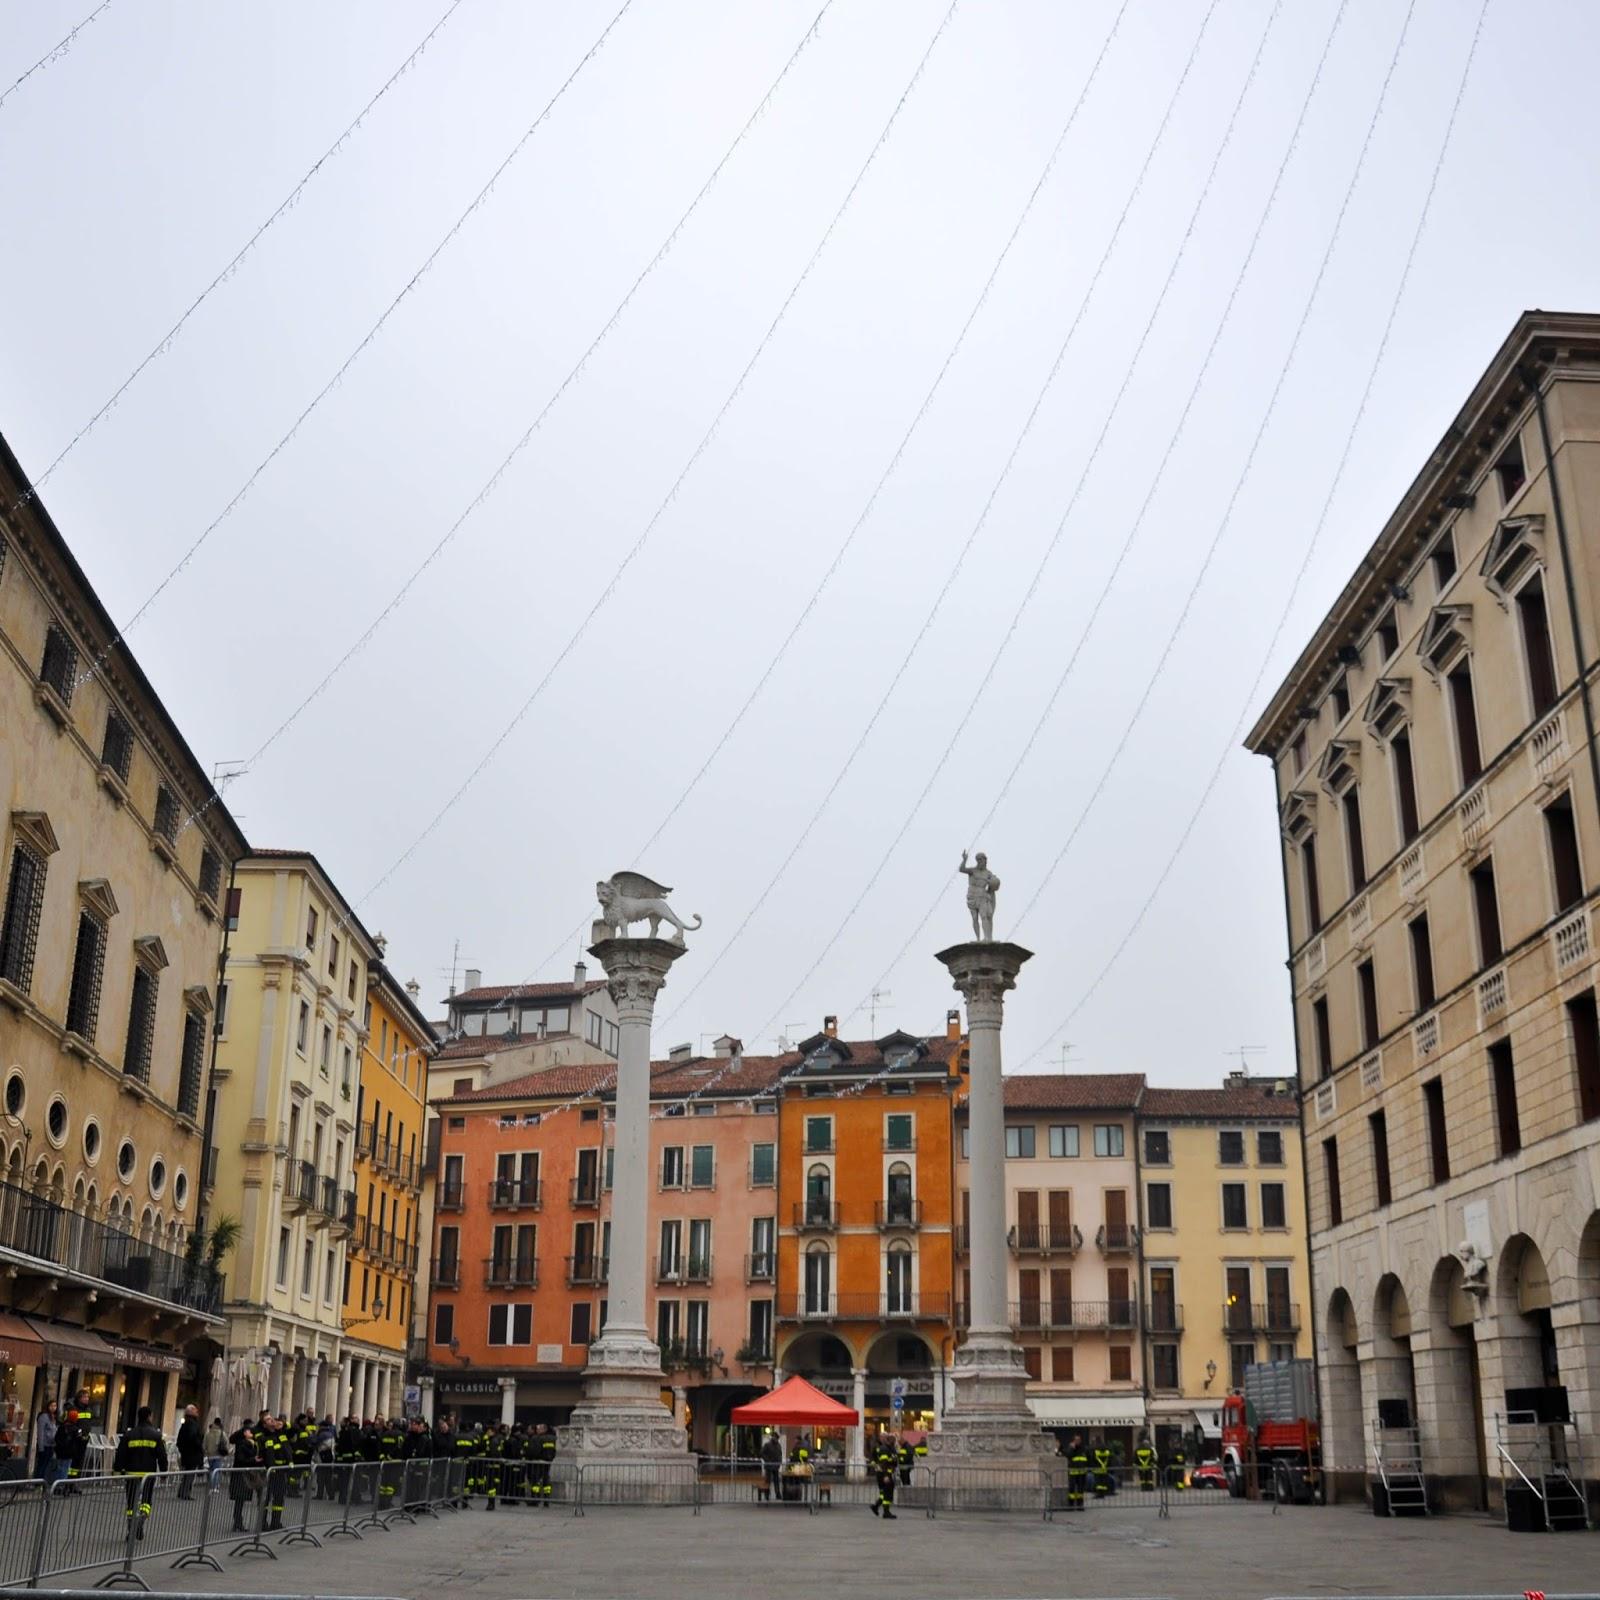 Firefighters, Piazza dei Signori, Saint Barbara celebration, Vicenza, Veneto, Italy